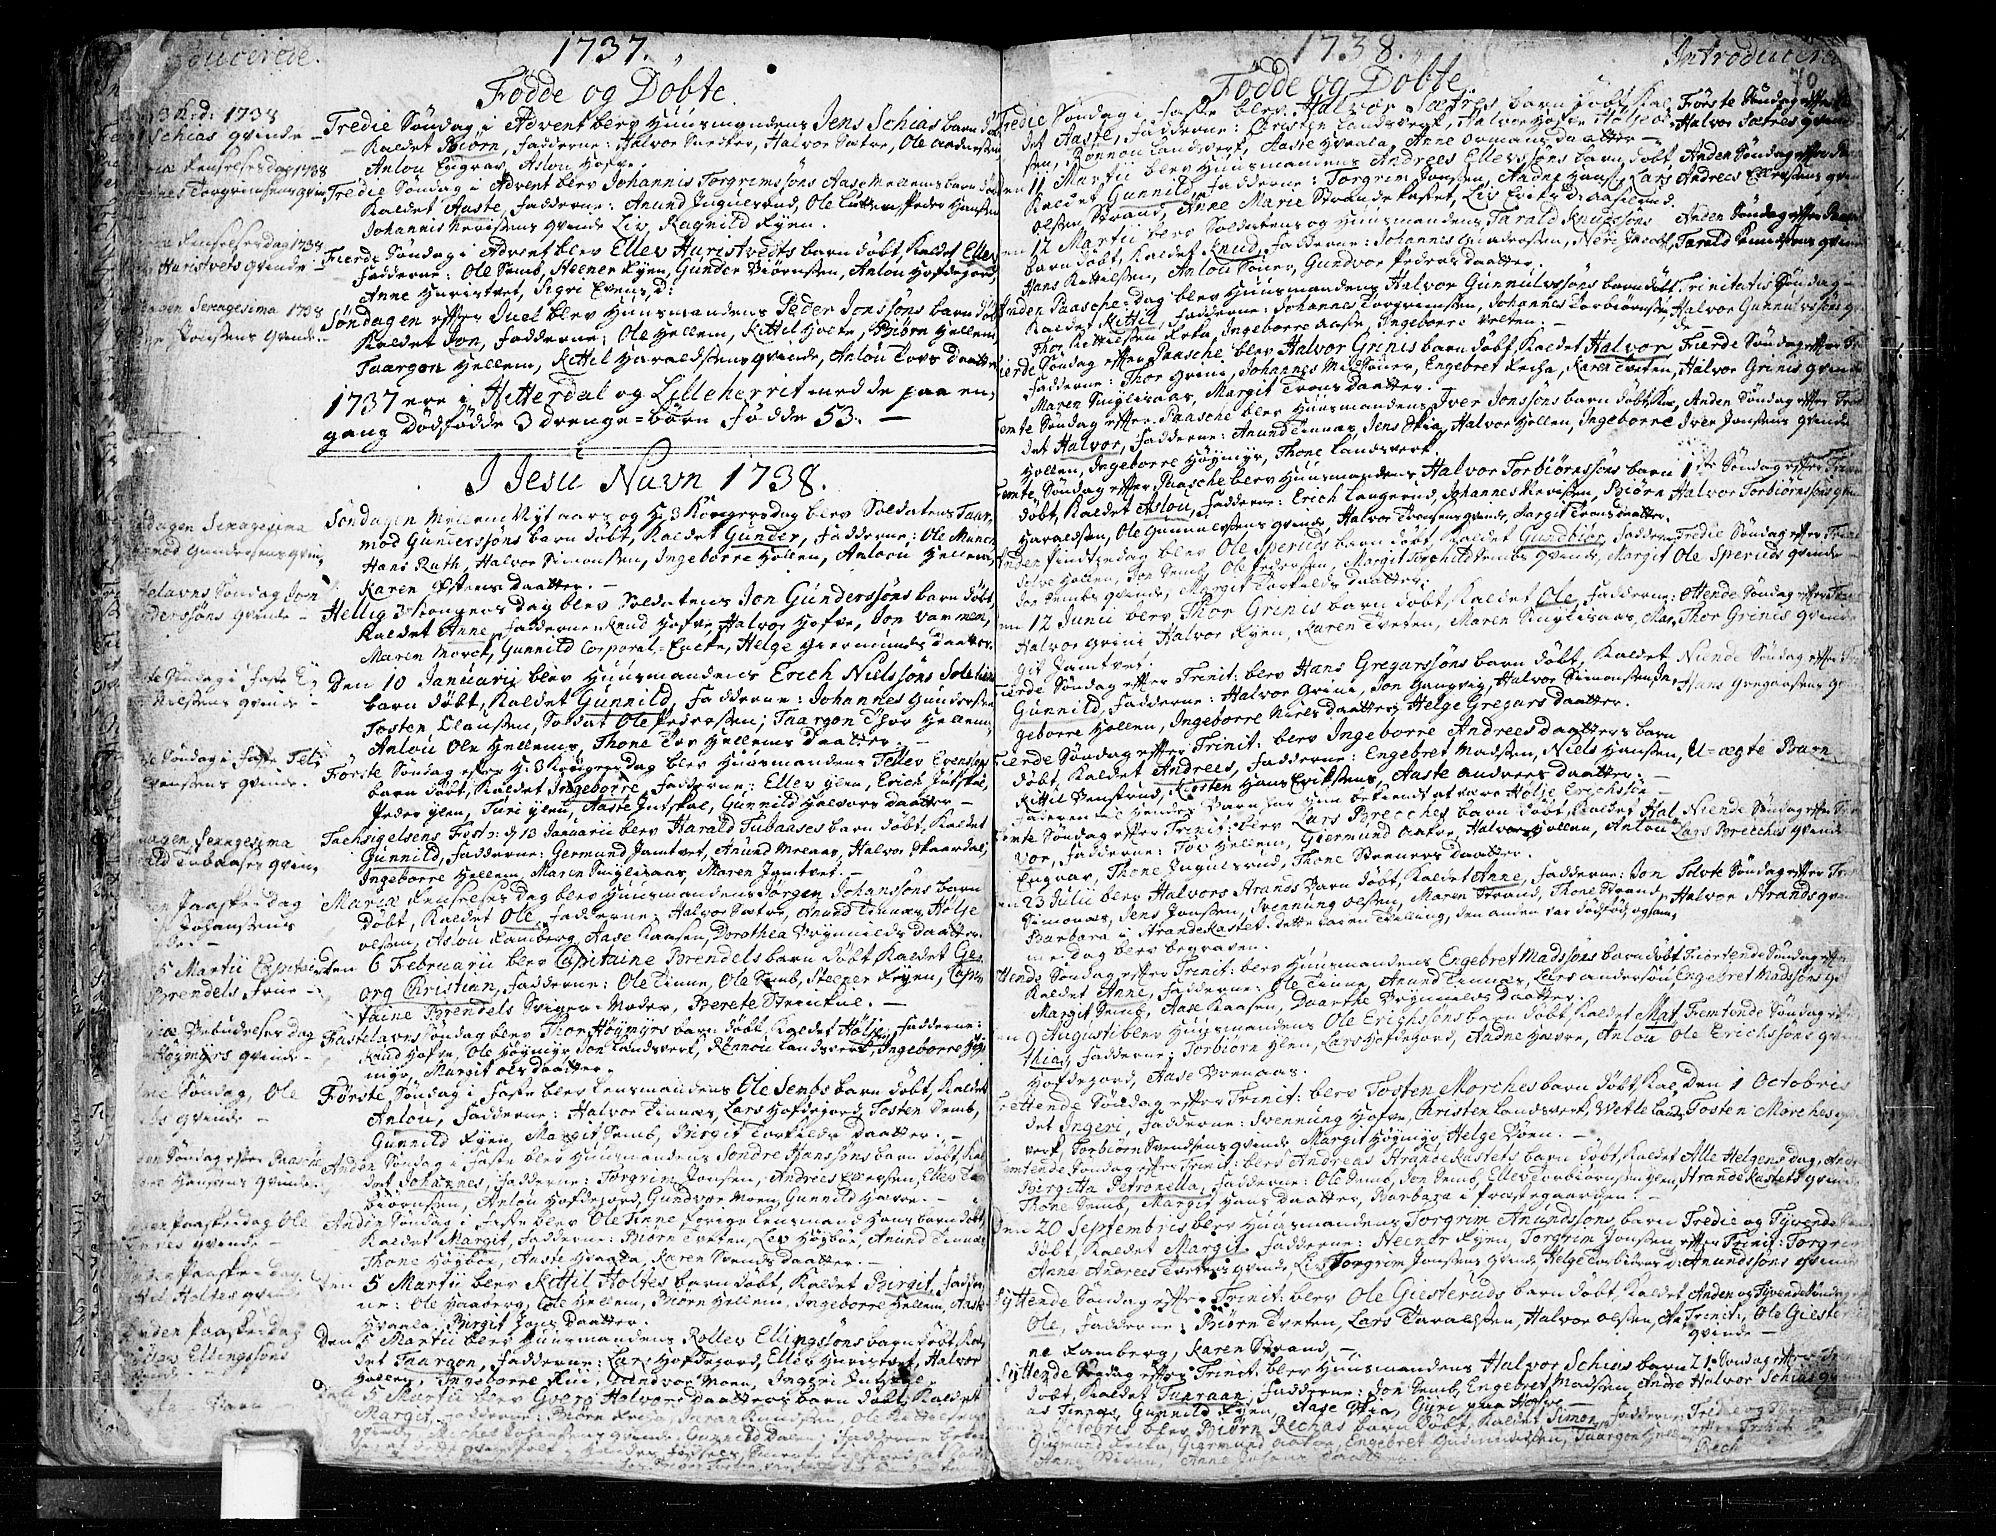 SAKO, Heddal kirkebøker, F/Fa/L0003: Ministerialbok nr. I 3, 1723-1783, s. 70